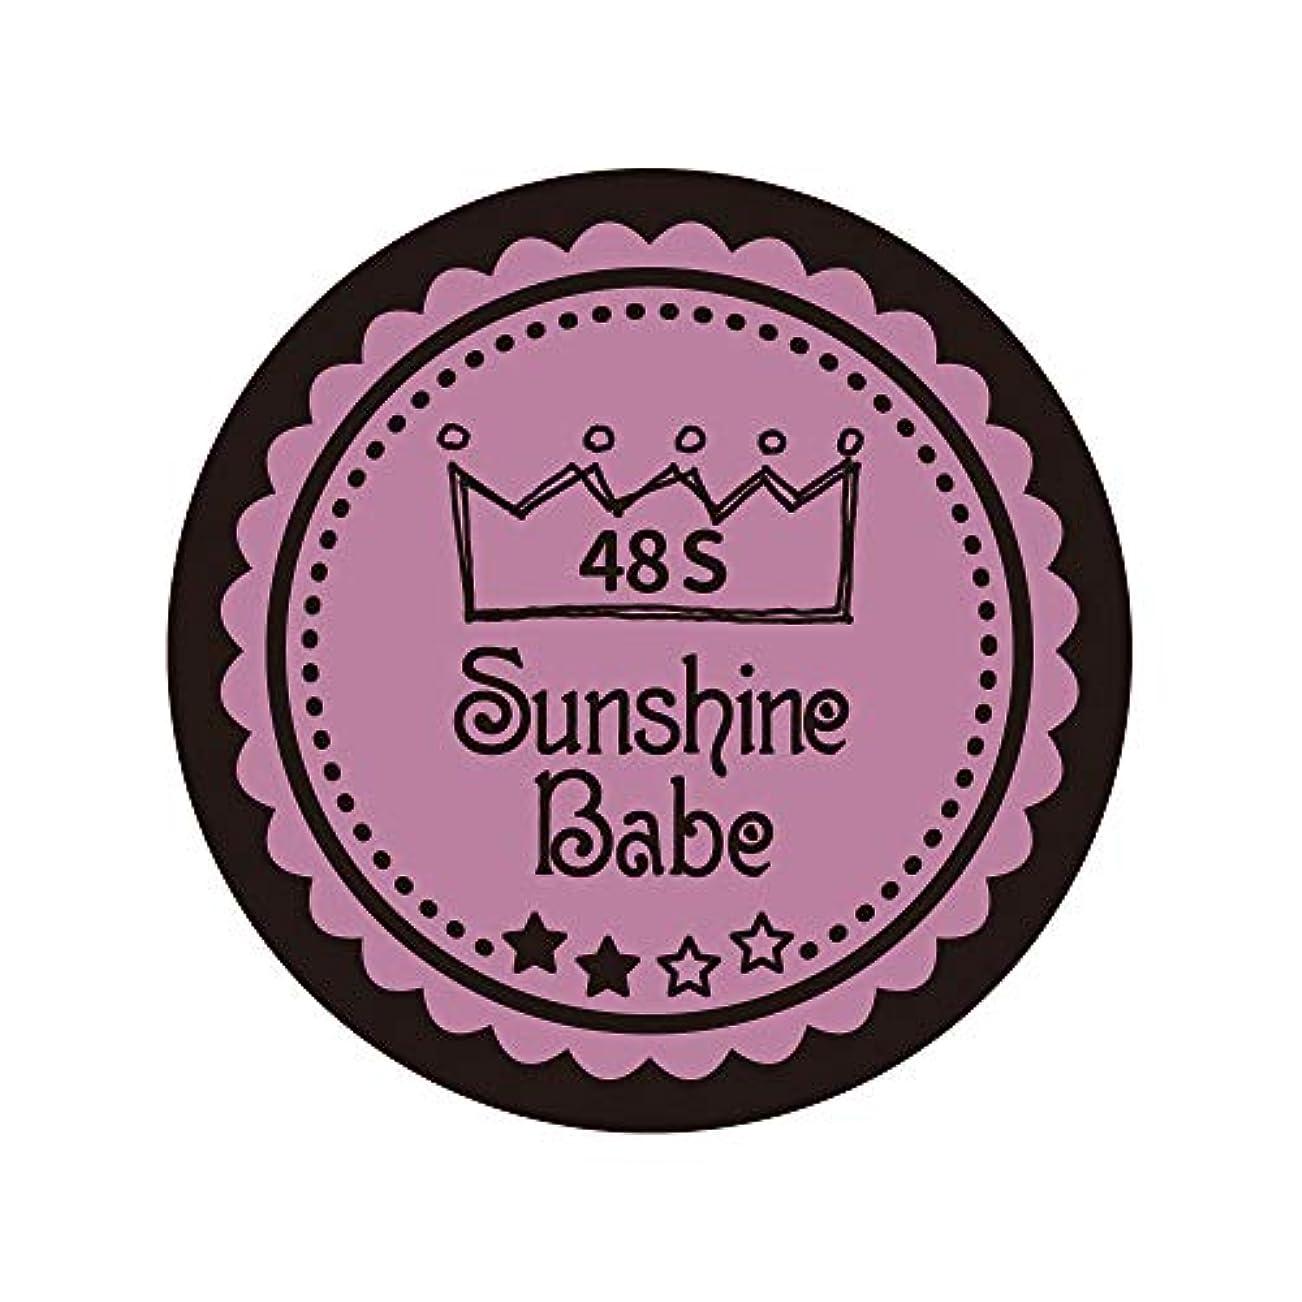 発生するシャワー性差別Sunshine Babe カラージェル 48S ペールモーブ 4g UV/LED対応